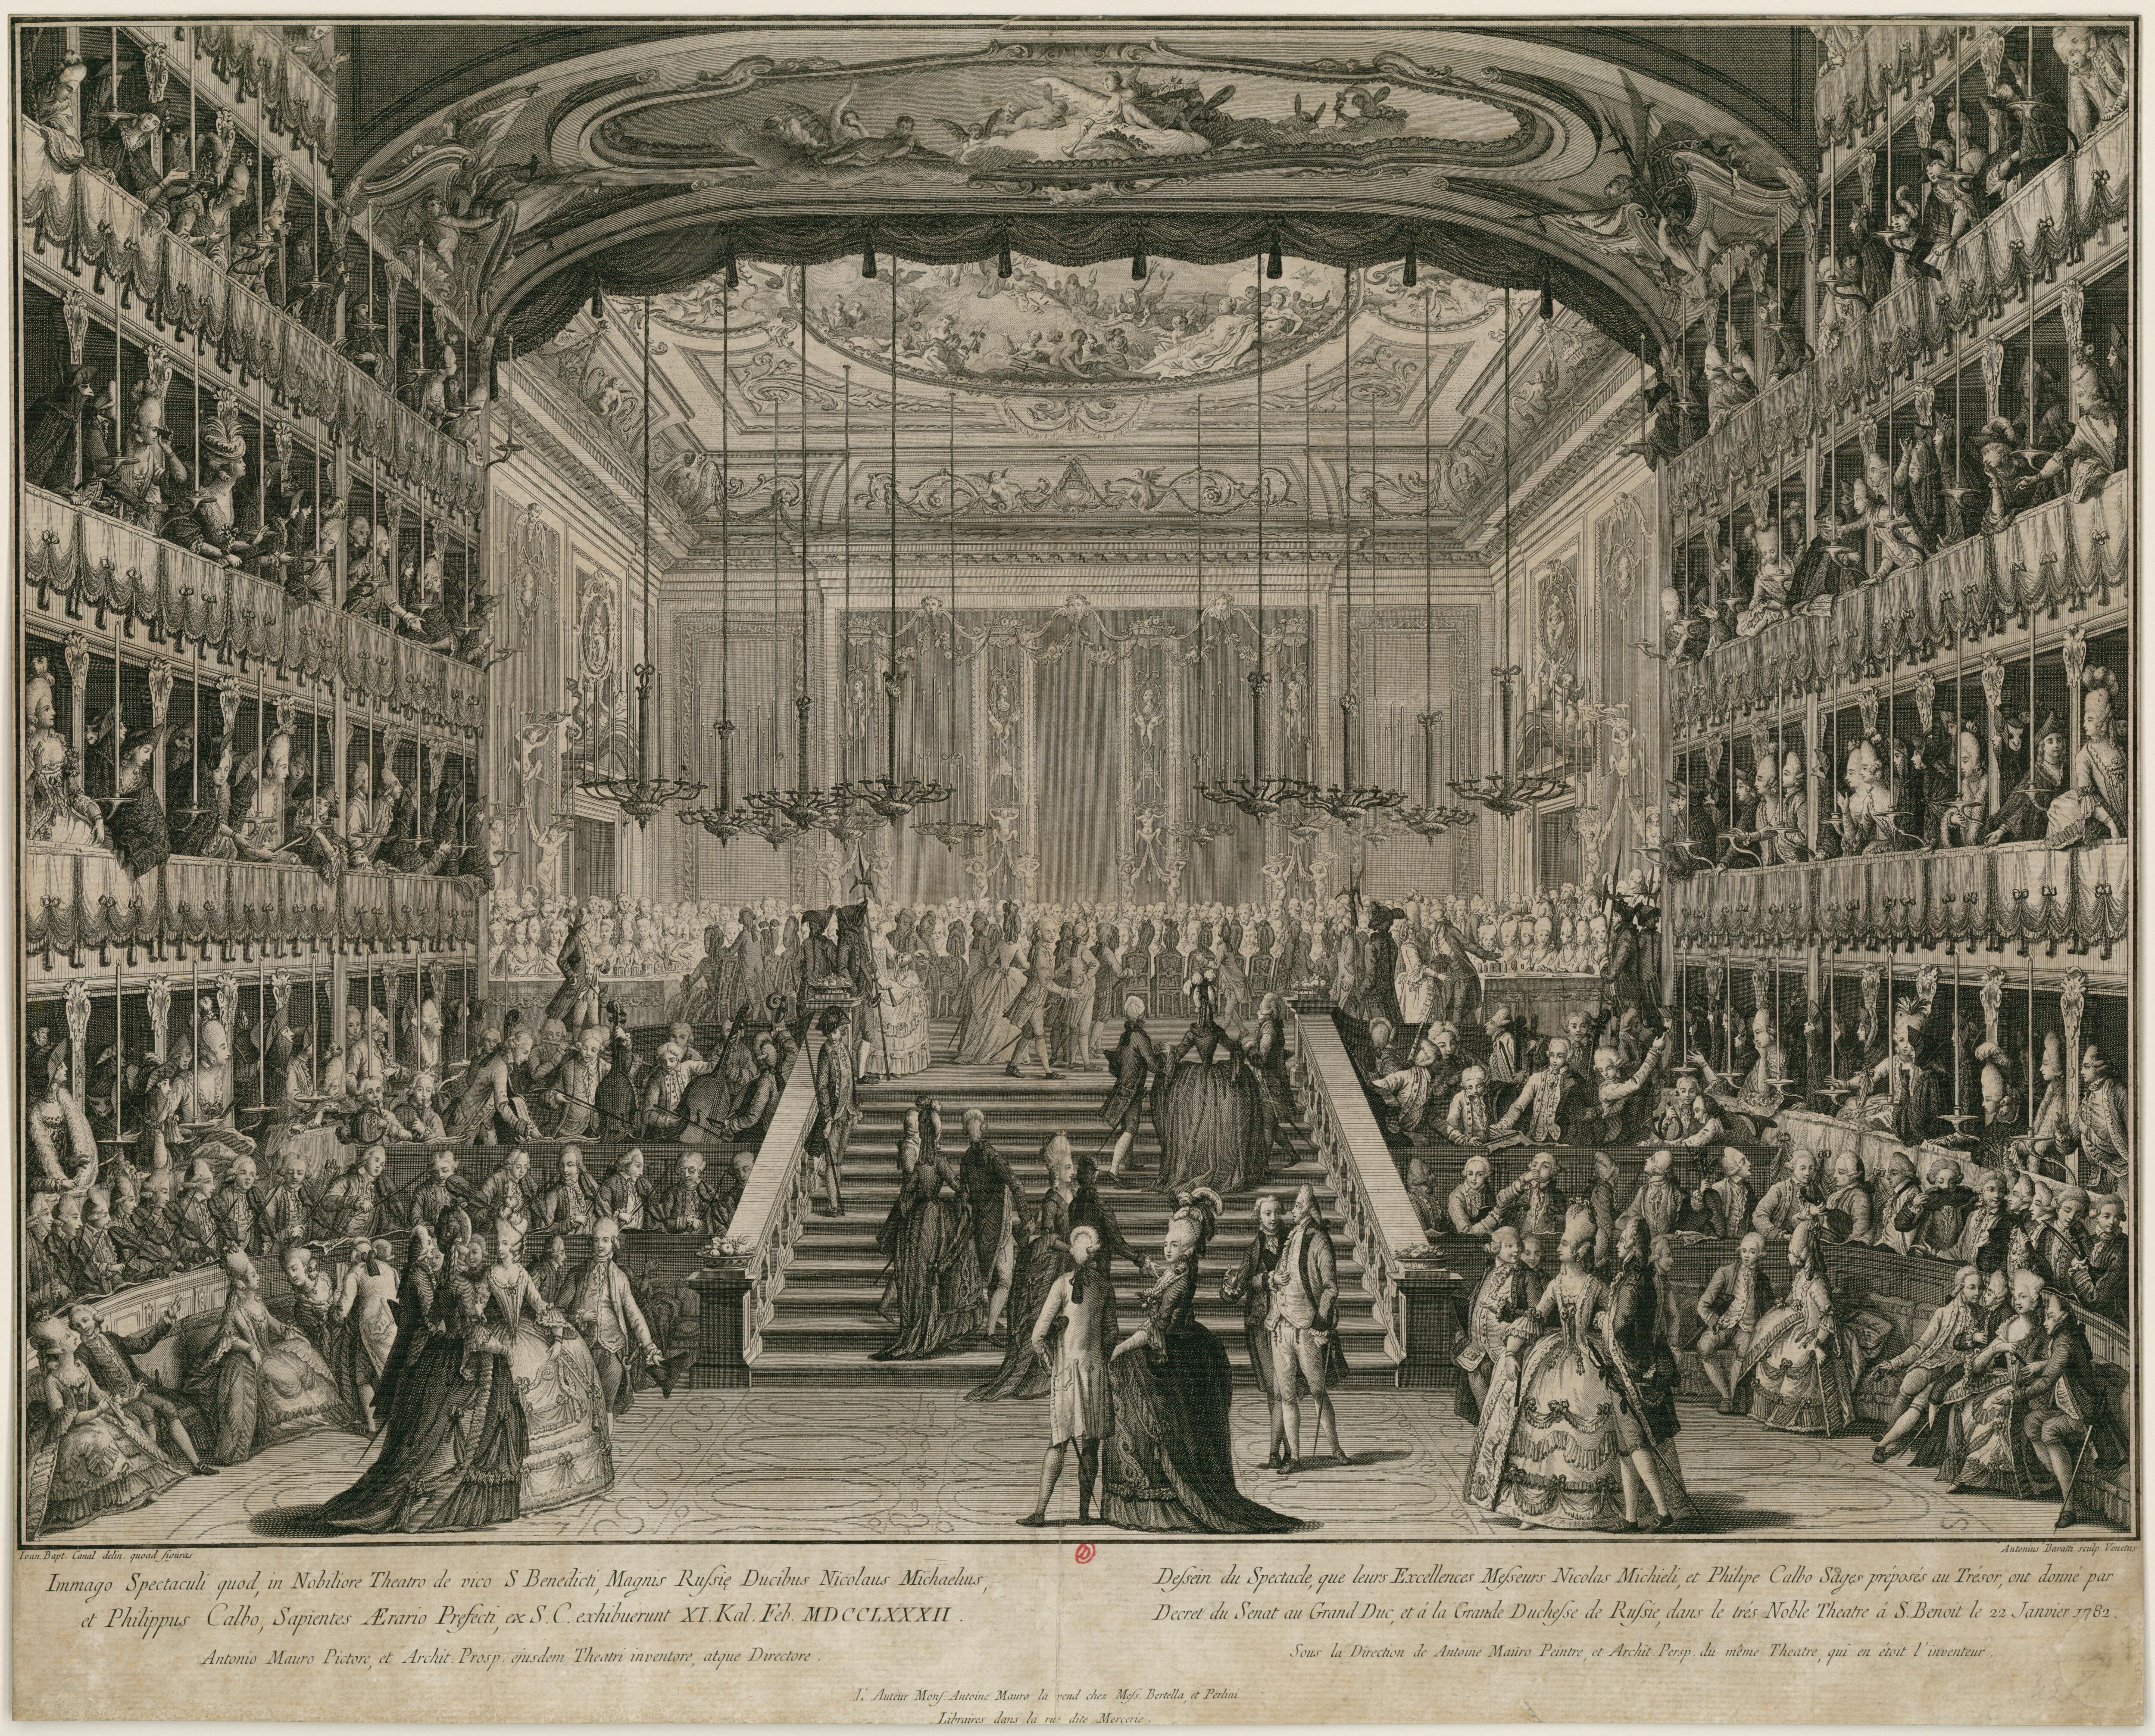 В честь высоких гостей были даны бал и торжественный ужин в театре Сан-Бенедетто.  22 января 1782